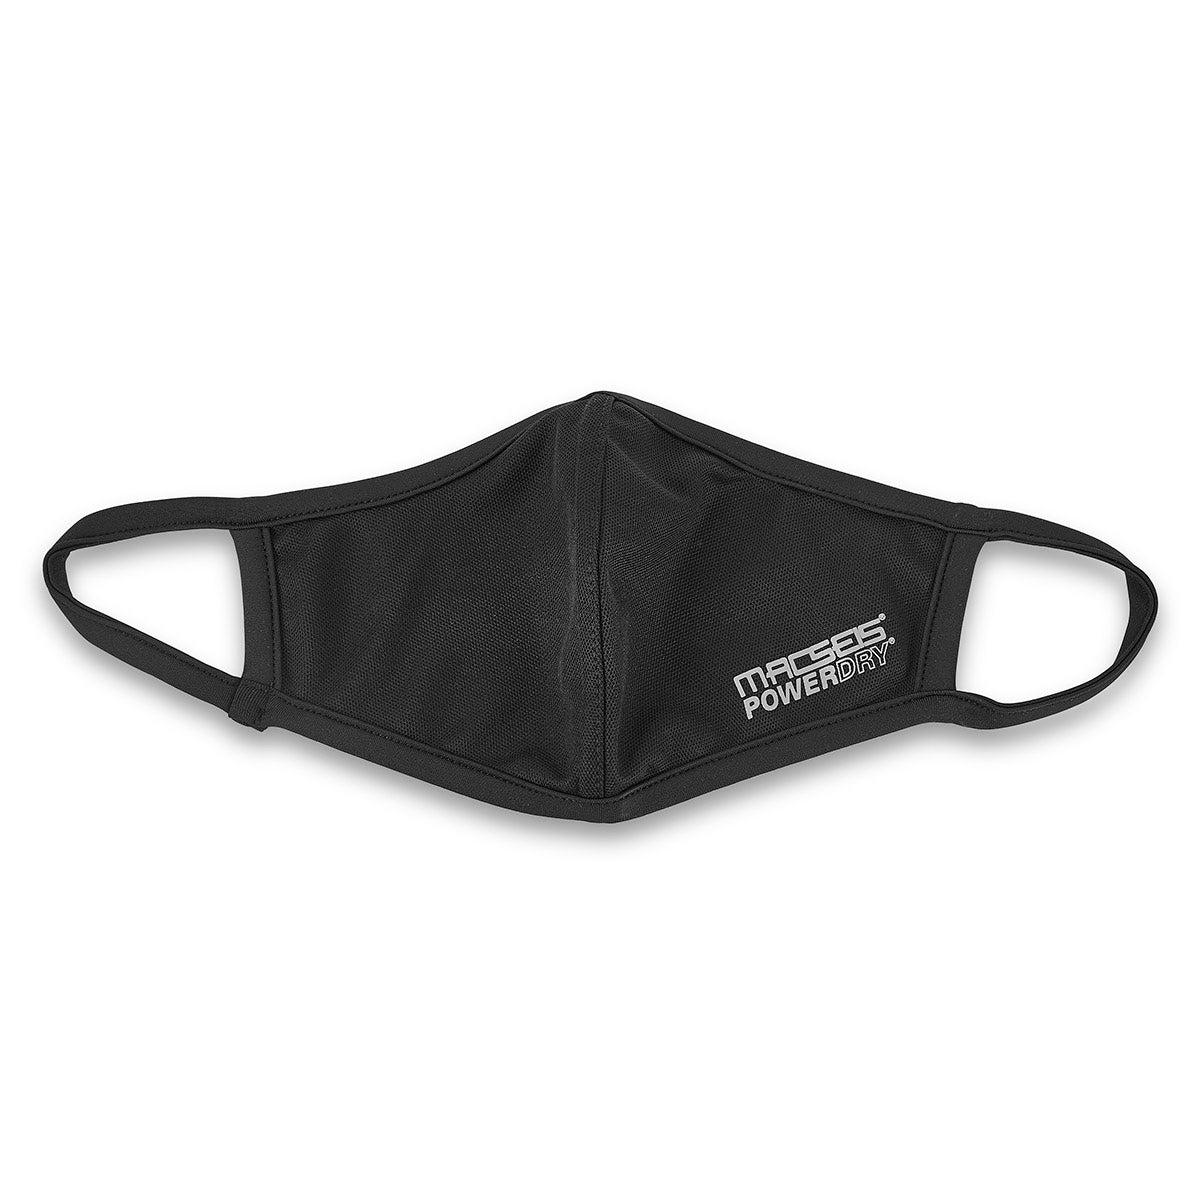 Unisex Maceis PowerDry Mask - Black Large